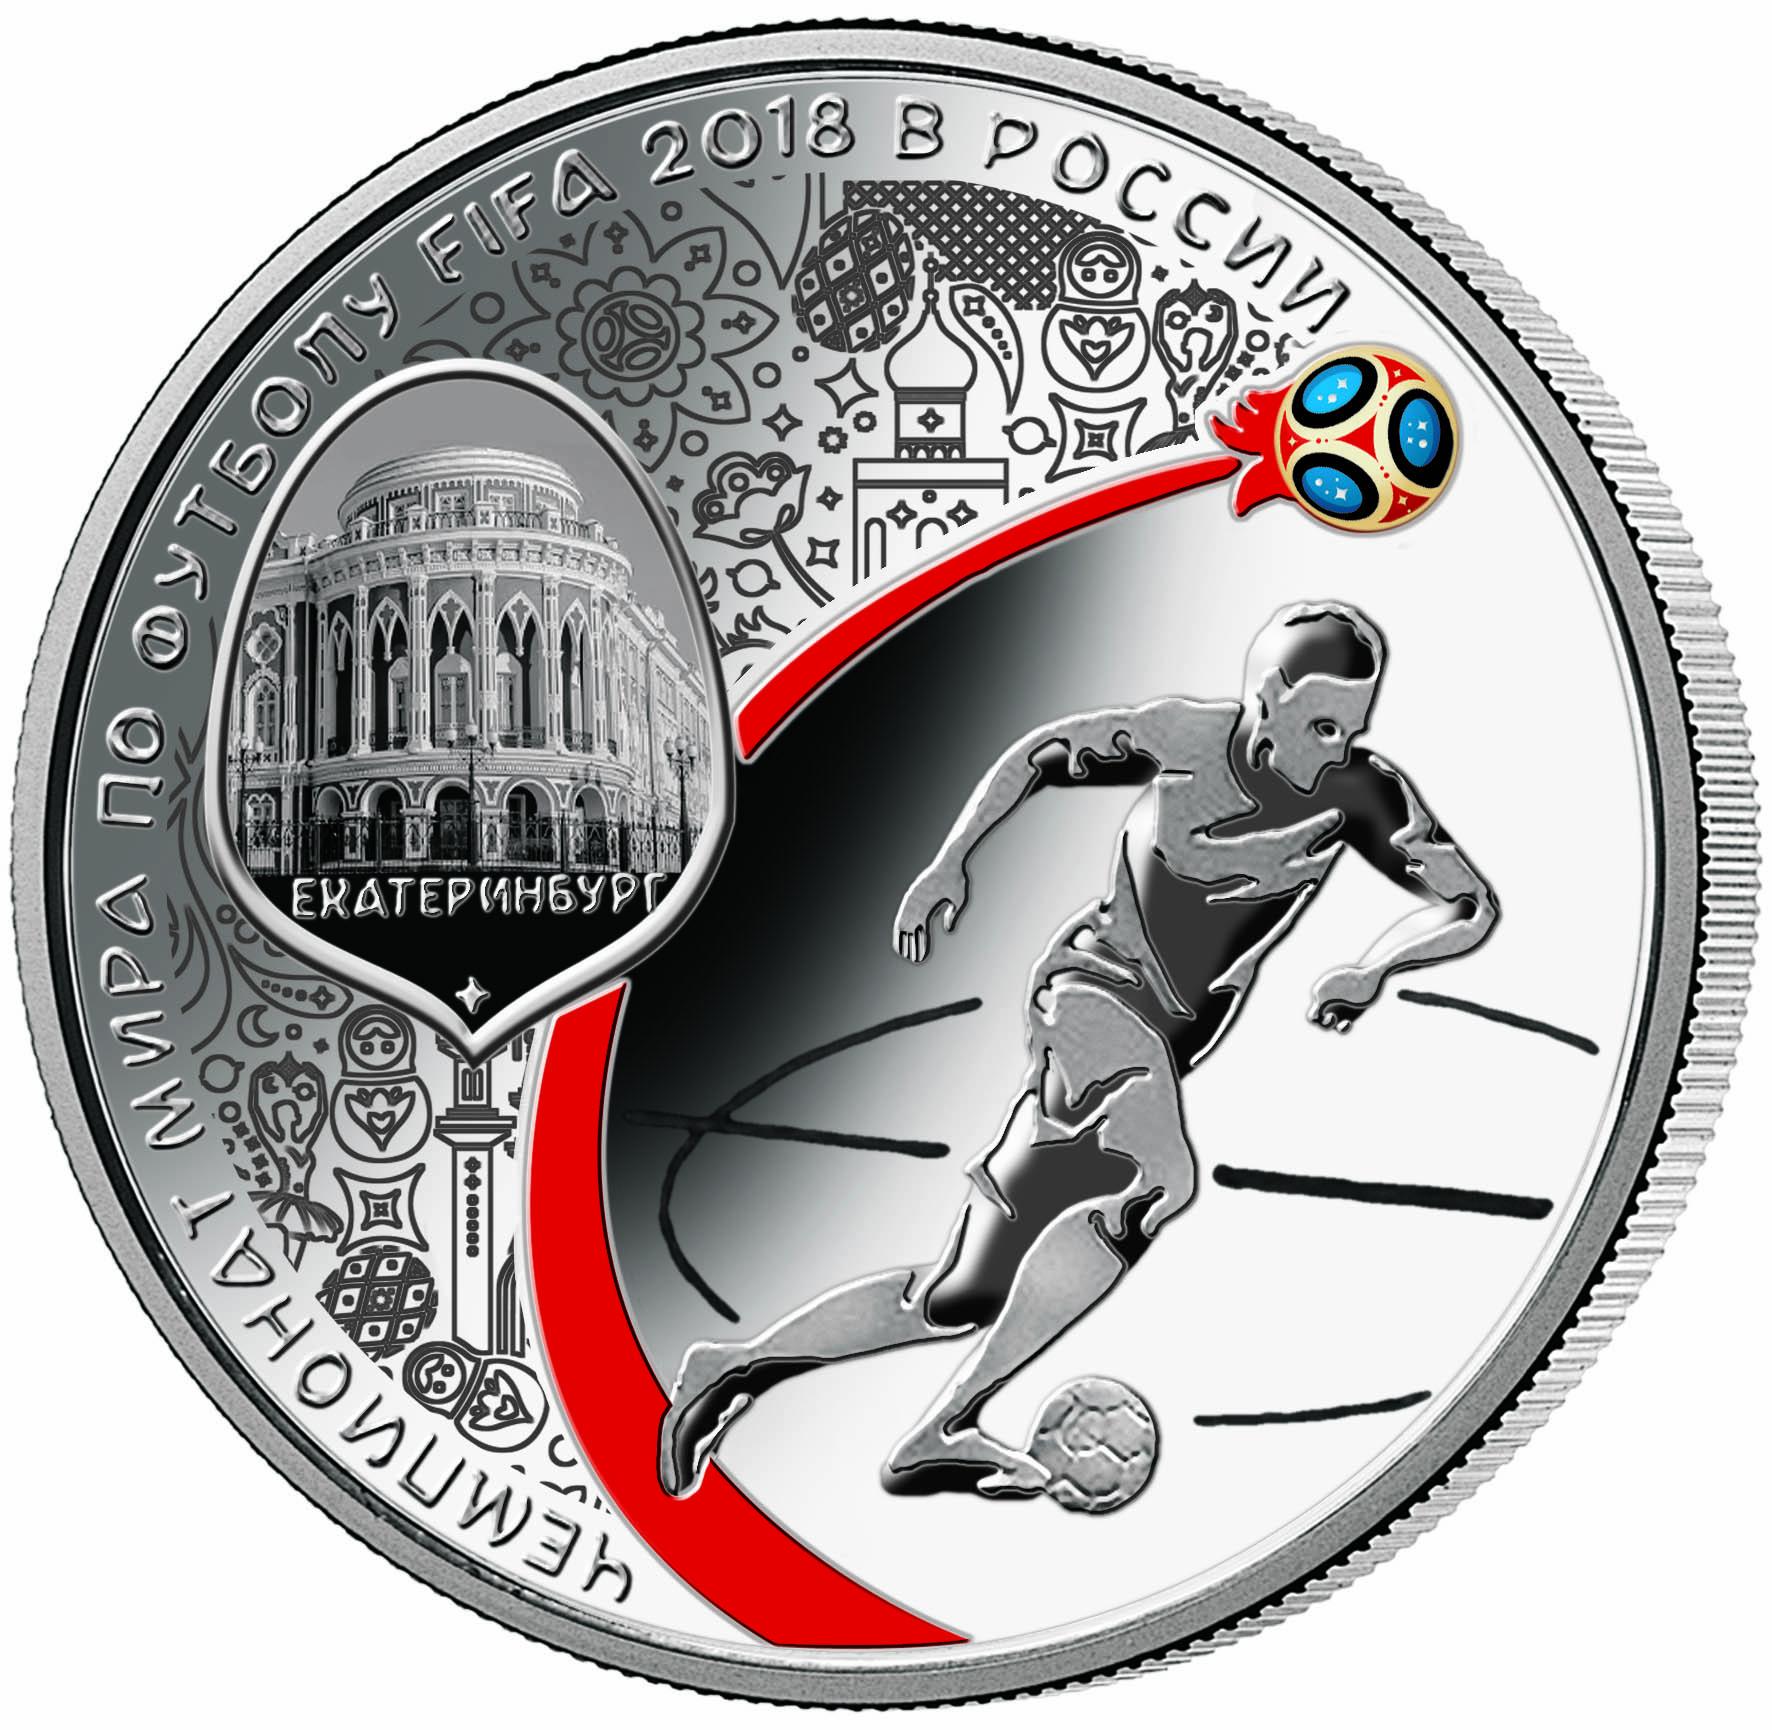 fotball-vm-mynter med bilder av deltakerbyene. Her Jekaterinburg representert med kyrillisk teks og Sevastyanovs hus. Fotballspiller (utespiller) til høyre.